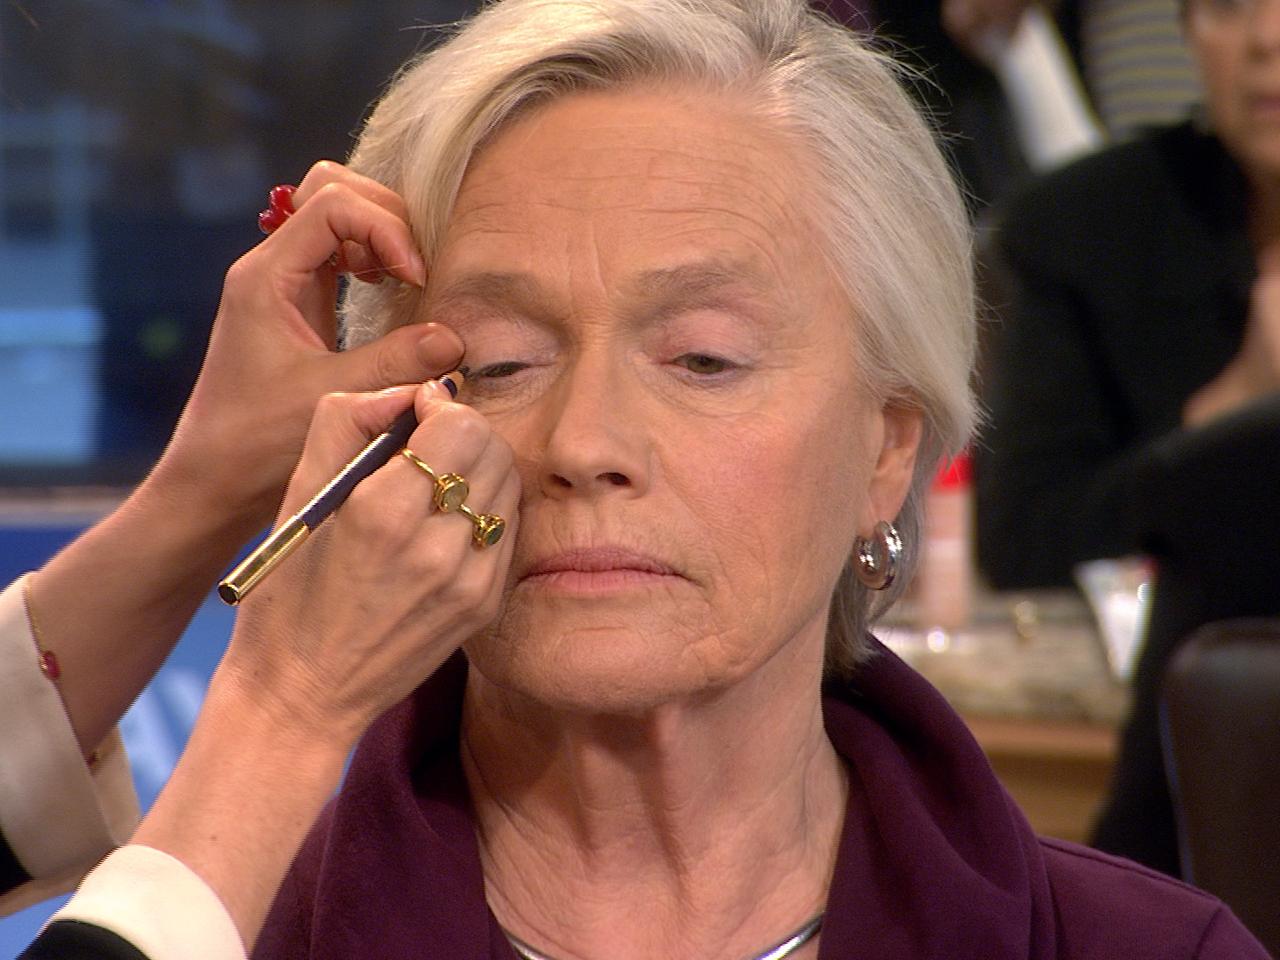 Going glam ma makeup tutorial for senior citizens goes viral glam mas makeup tutorial for seniors goes viral baditri Gallery